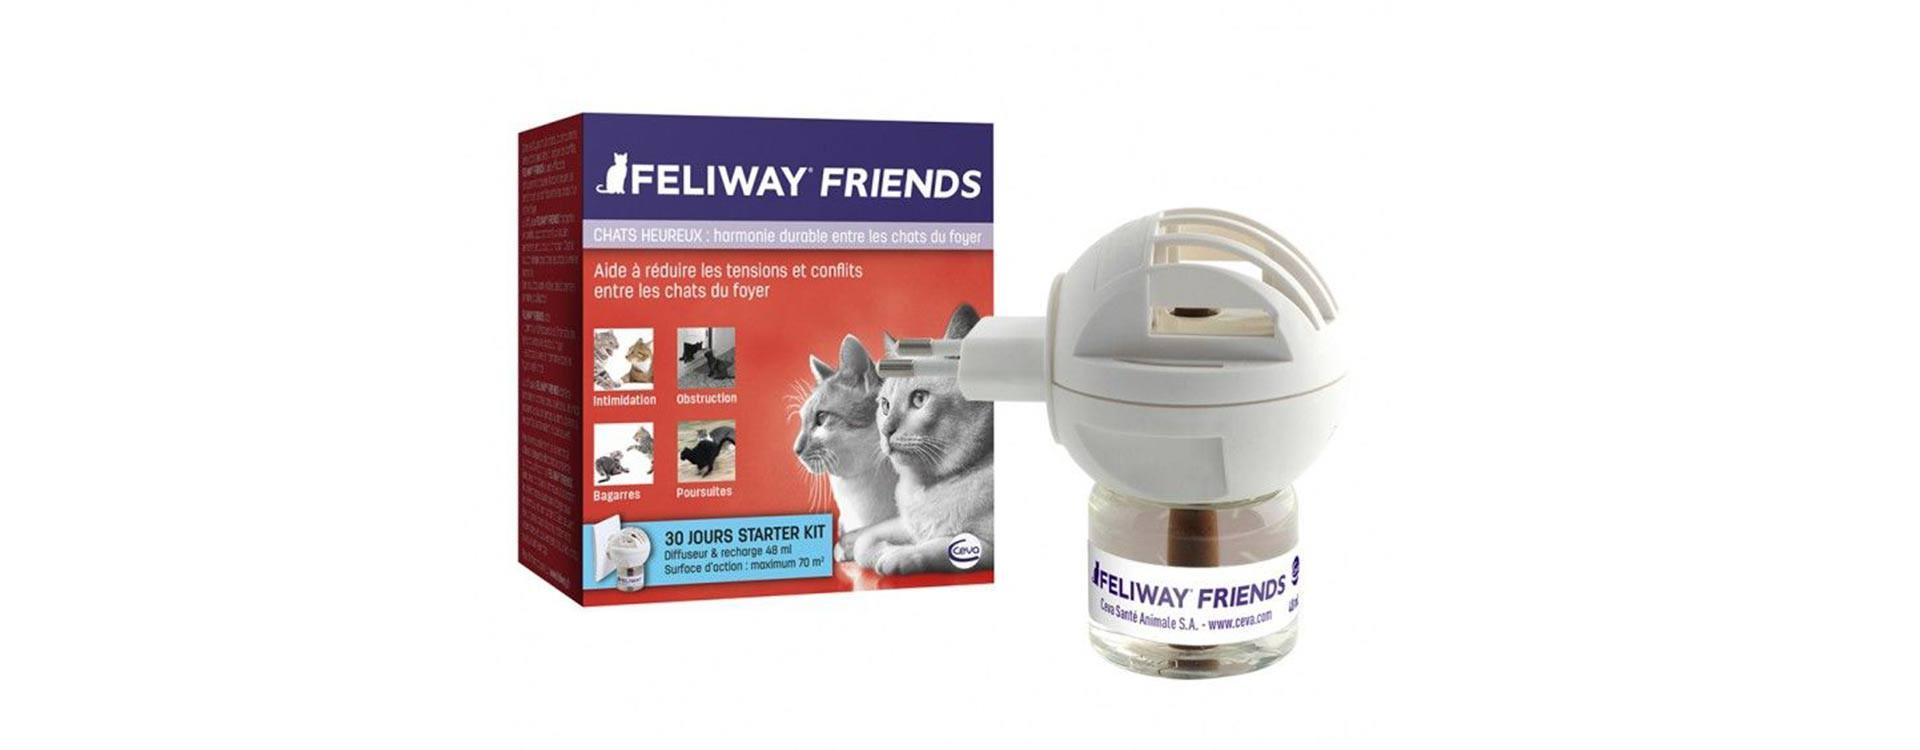 Feliway friend, pour une meilleure cohabitation entre vos félins !